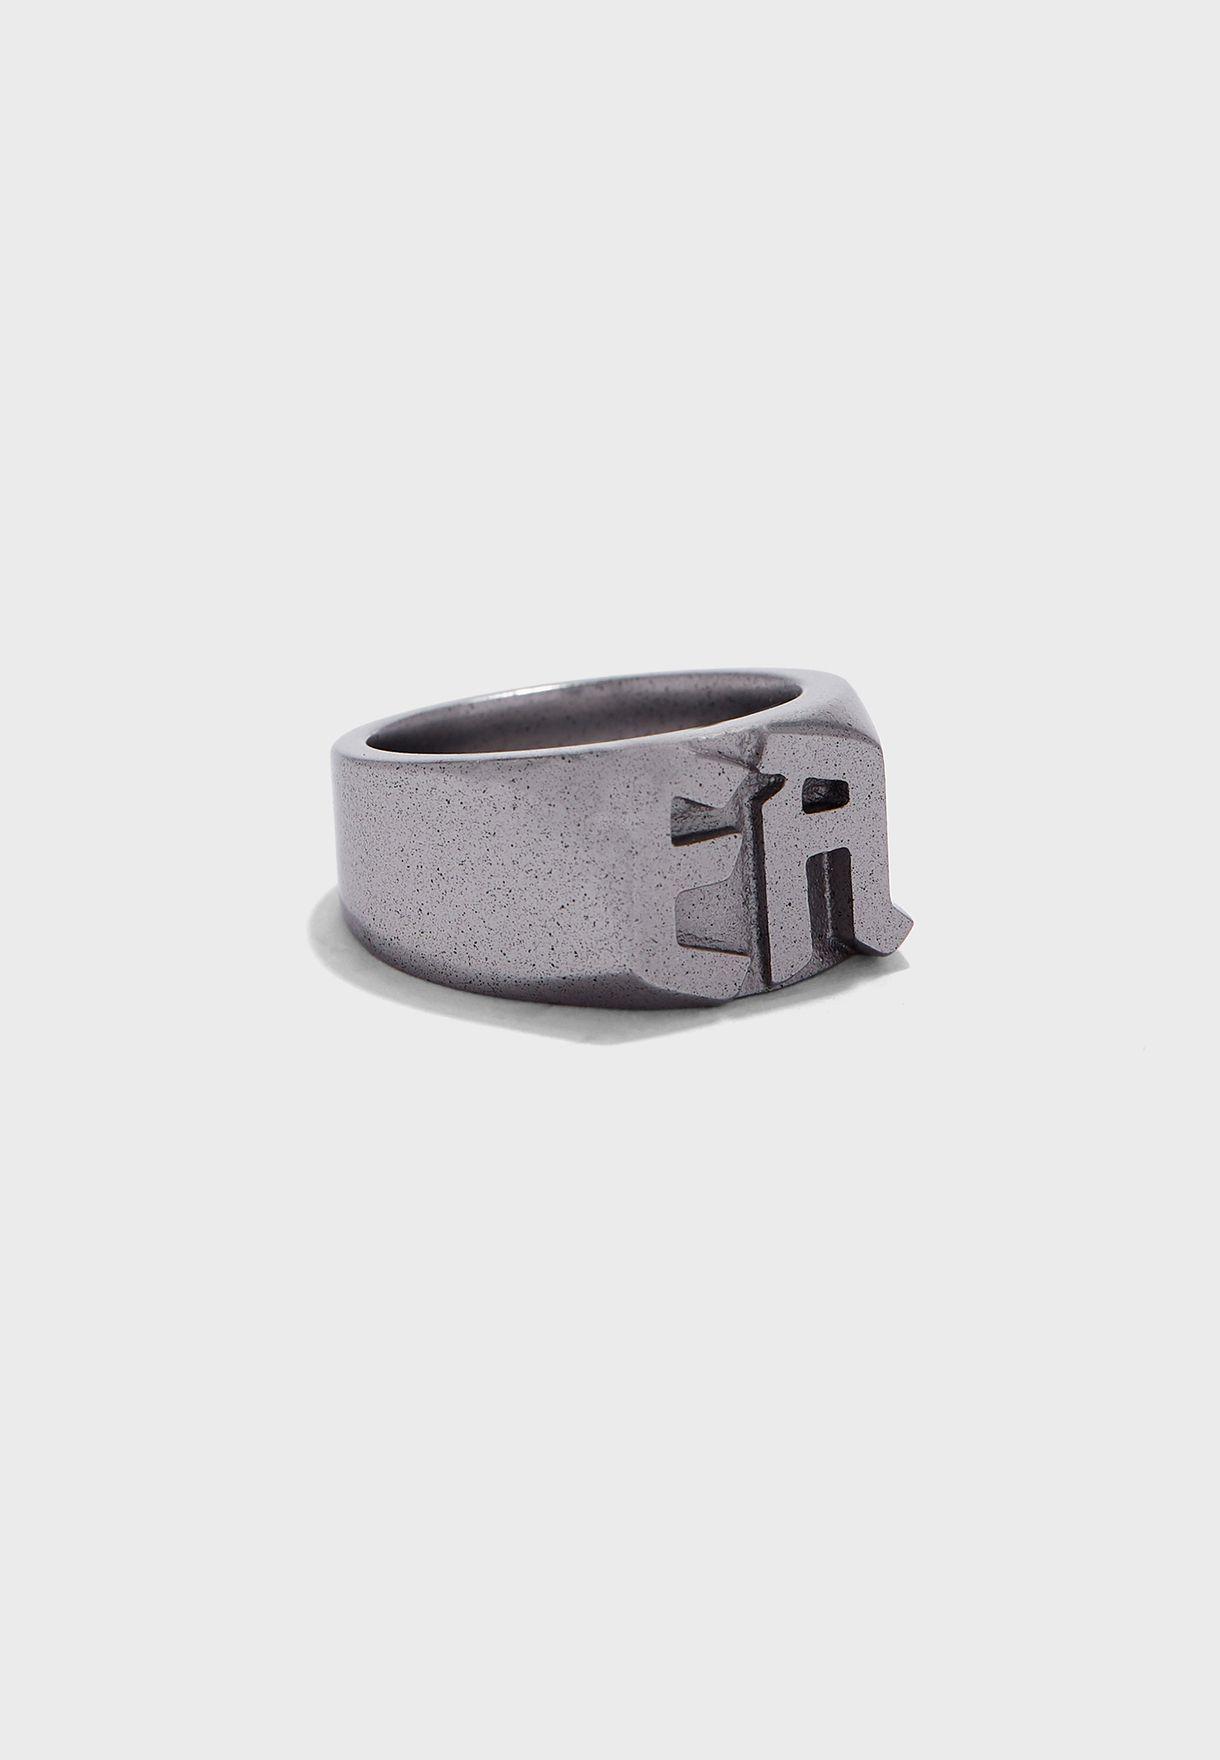 EGS2664040 Piercing Ring